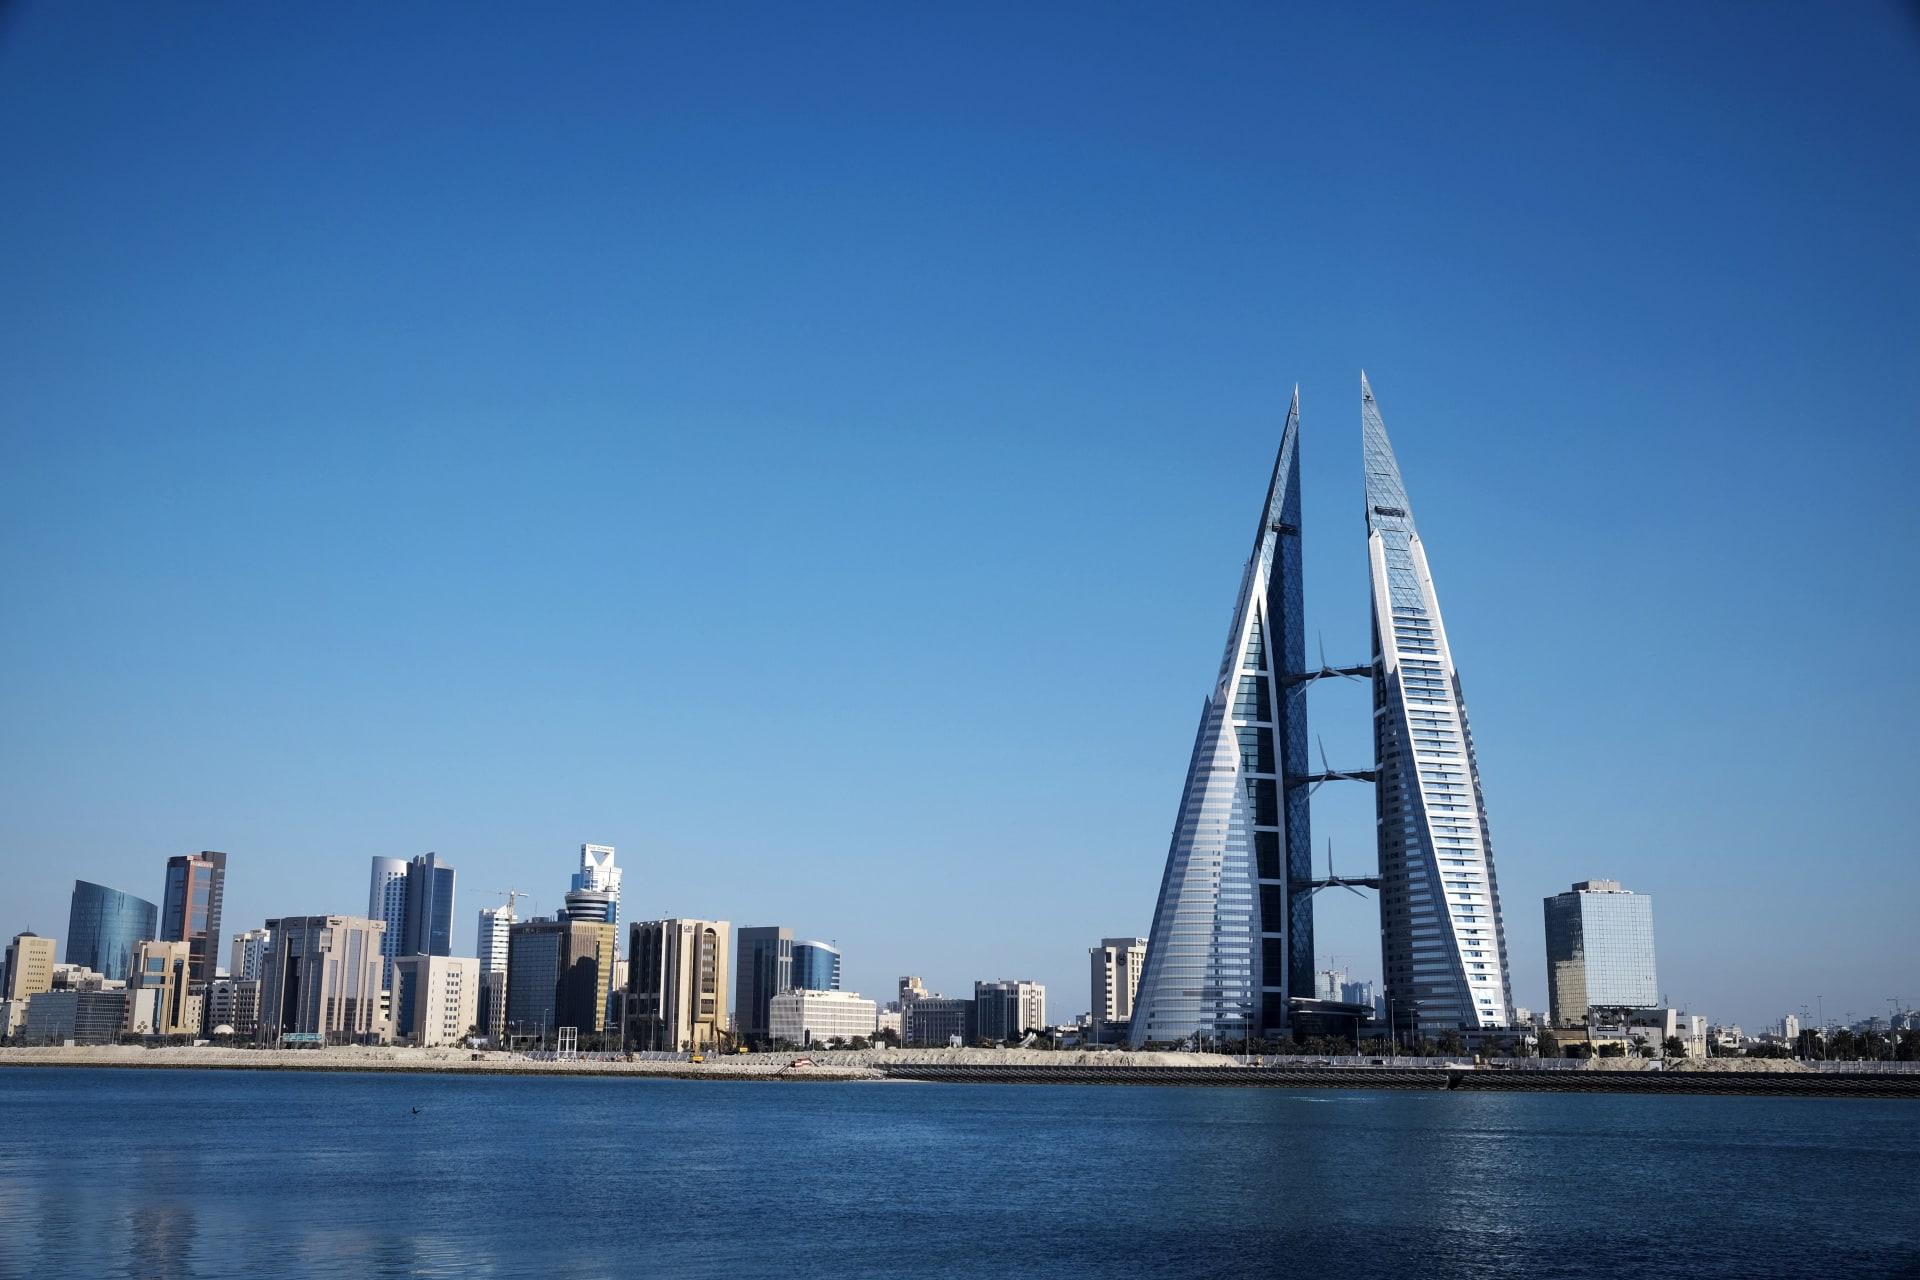 """غابة معدنية ولدت بعد استكشاف أكثر من مئة مفهوم.. هكذا أصبح جناح البحرين في """"إكسبو 2020"""" حقيقة"""